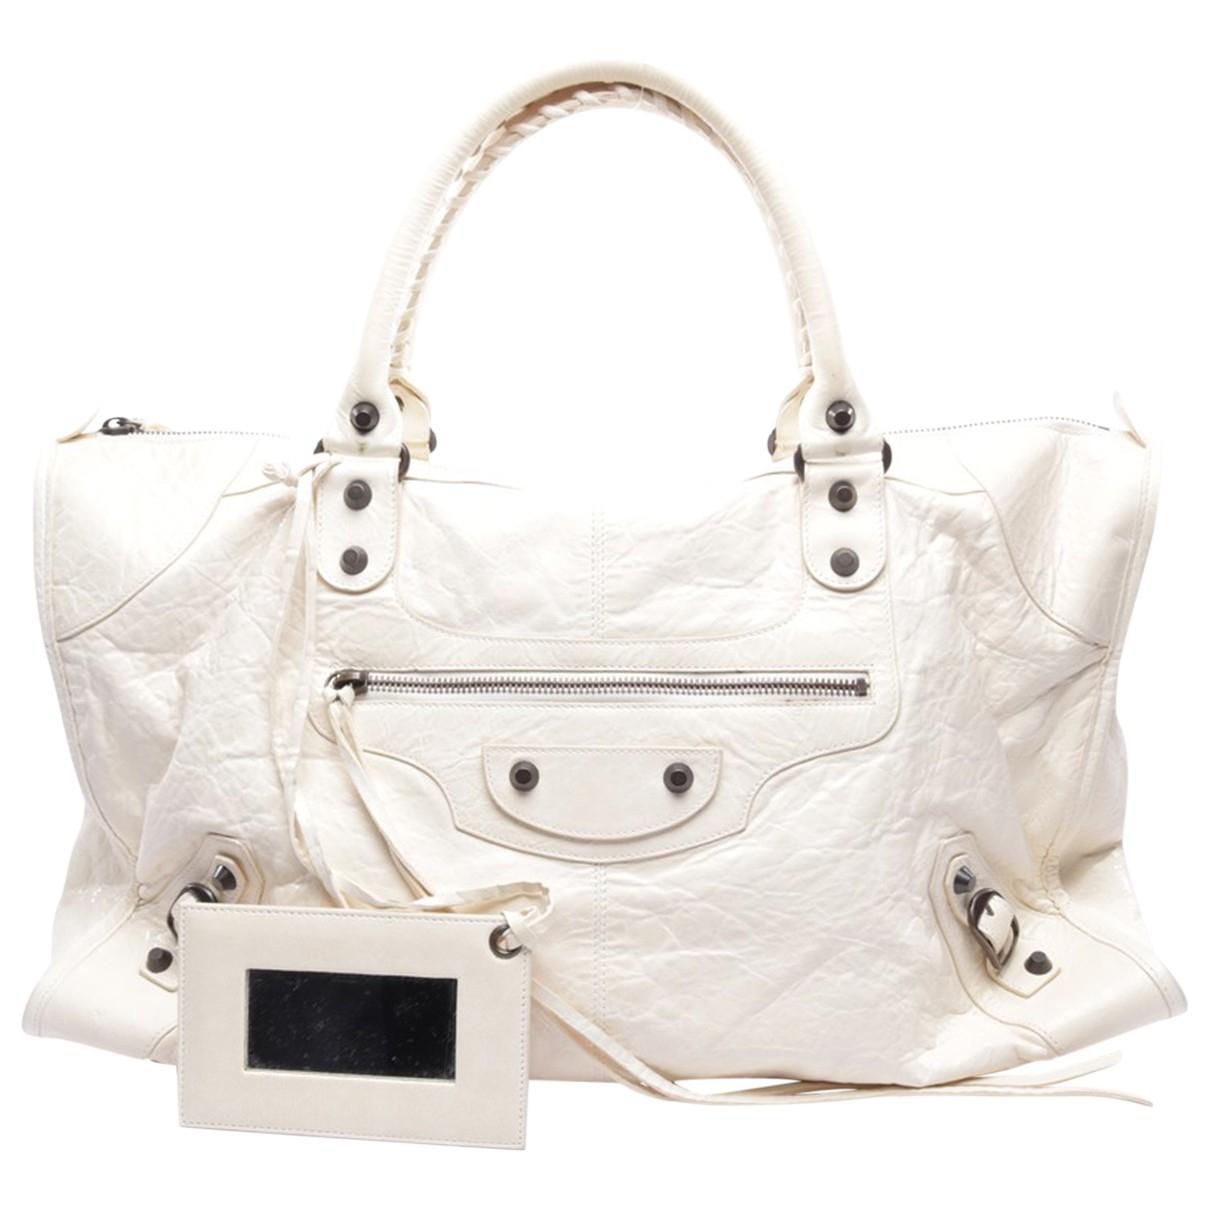 Balenciaga - Sac a main Work pour femme en cuir - blanc